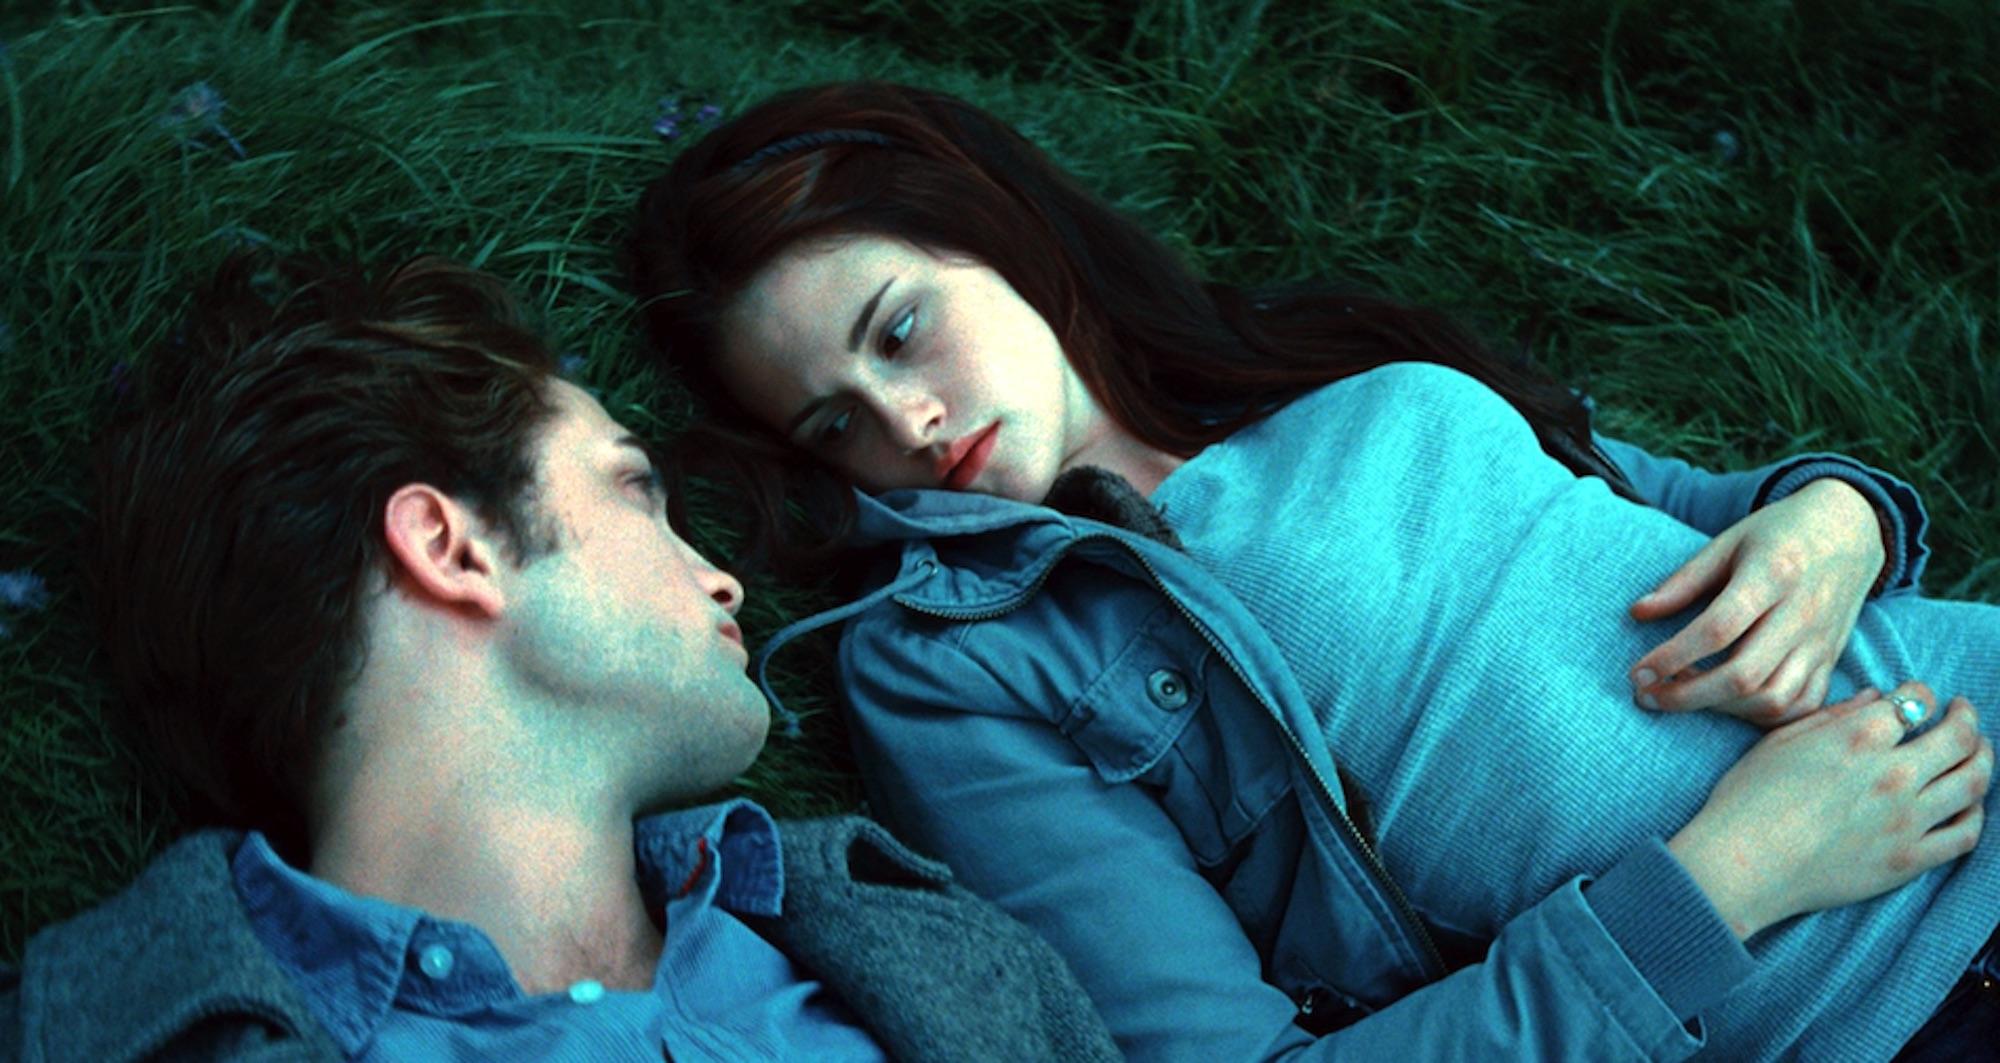 Edward Cullen (Robert Pattinson) and Bella Swan (Kristen Stewart) in 'Twilight'